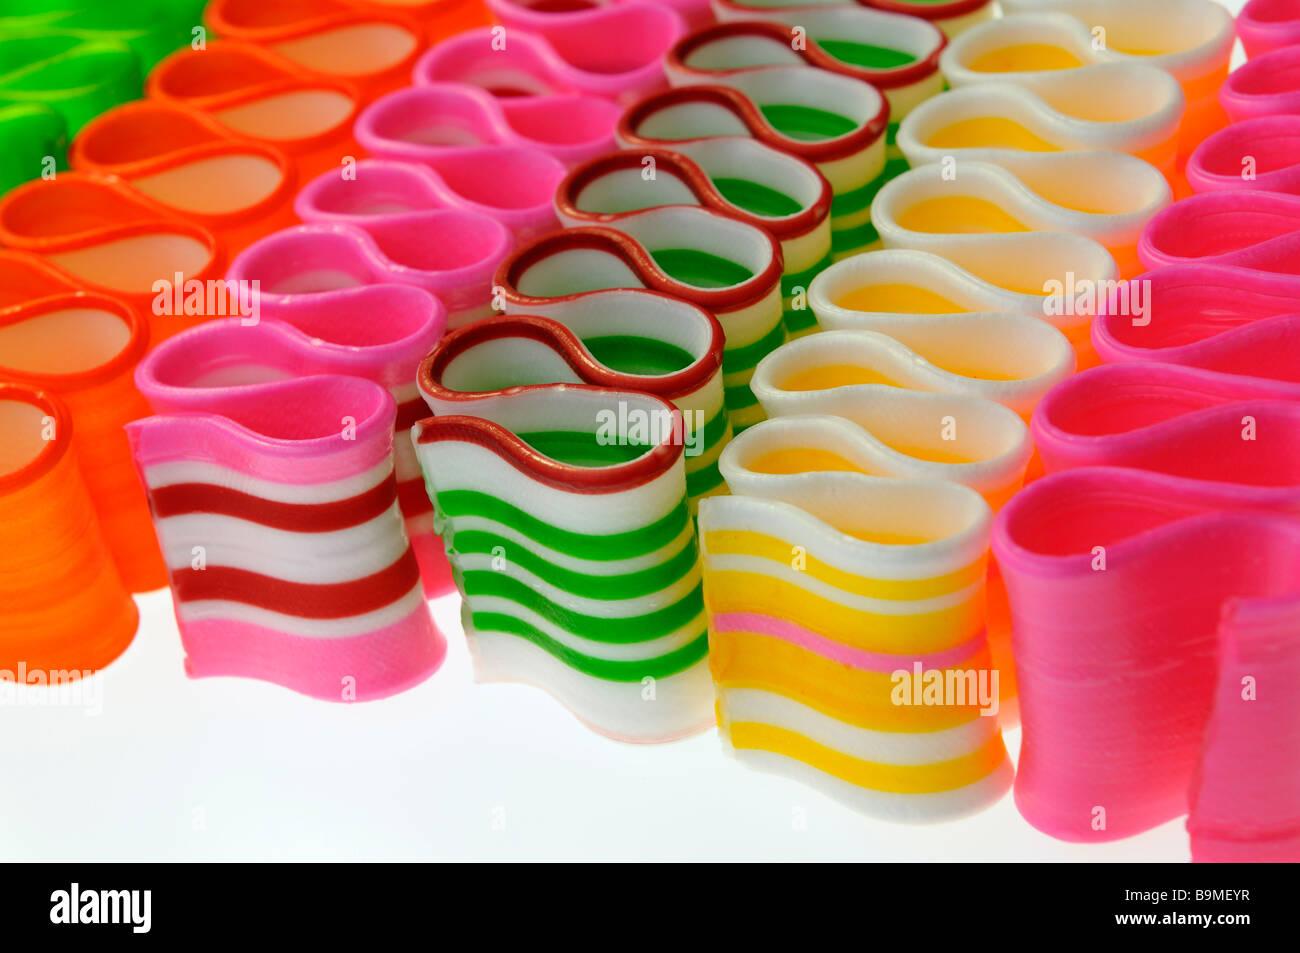 Cerca de diagonal tiras de cinta delgada trenzado coloridos caramelos Imagen De Stock